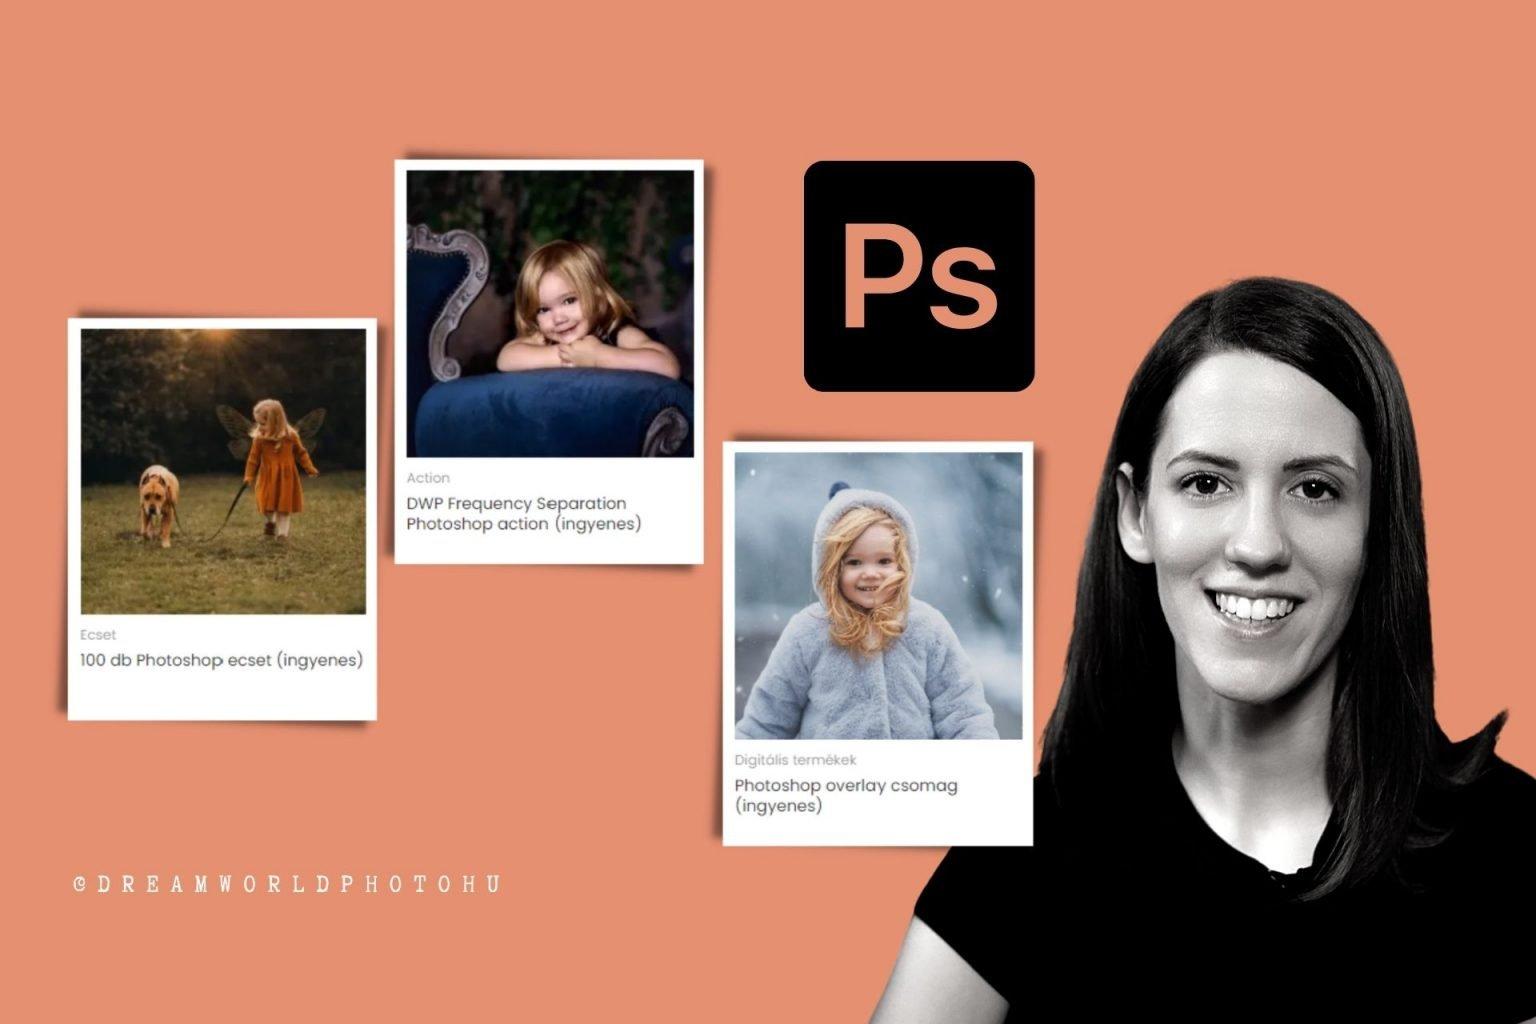 ingyenes photoshop overlay ecset brush action